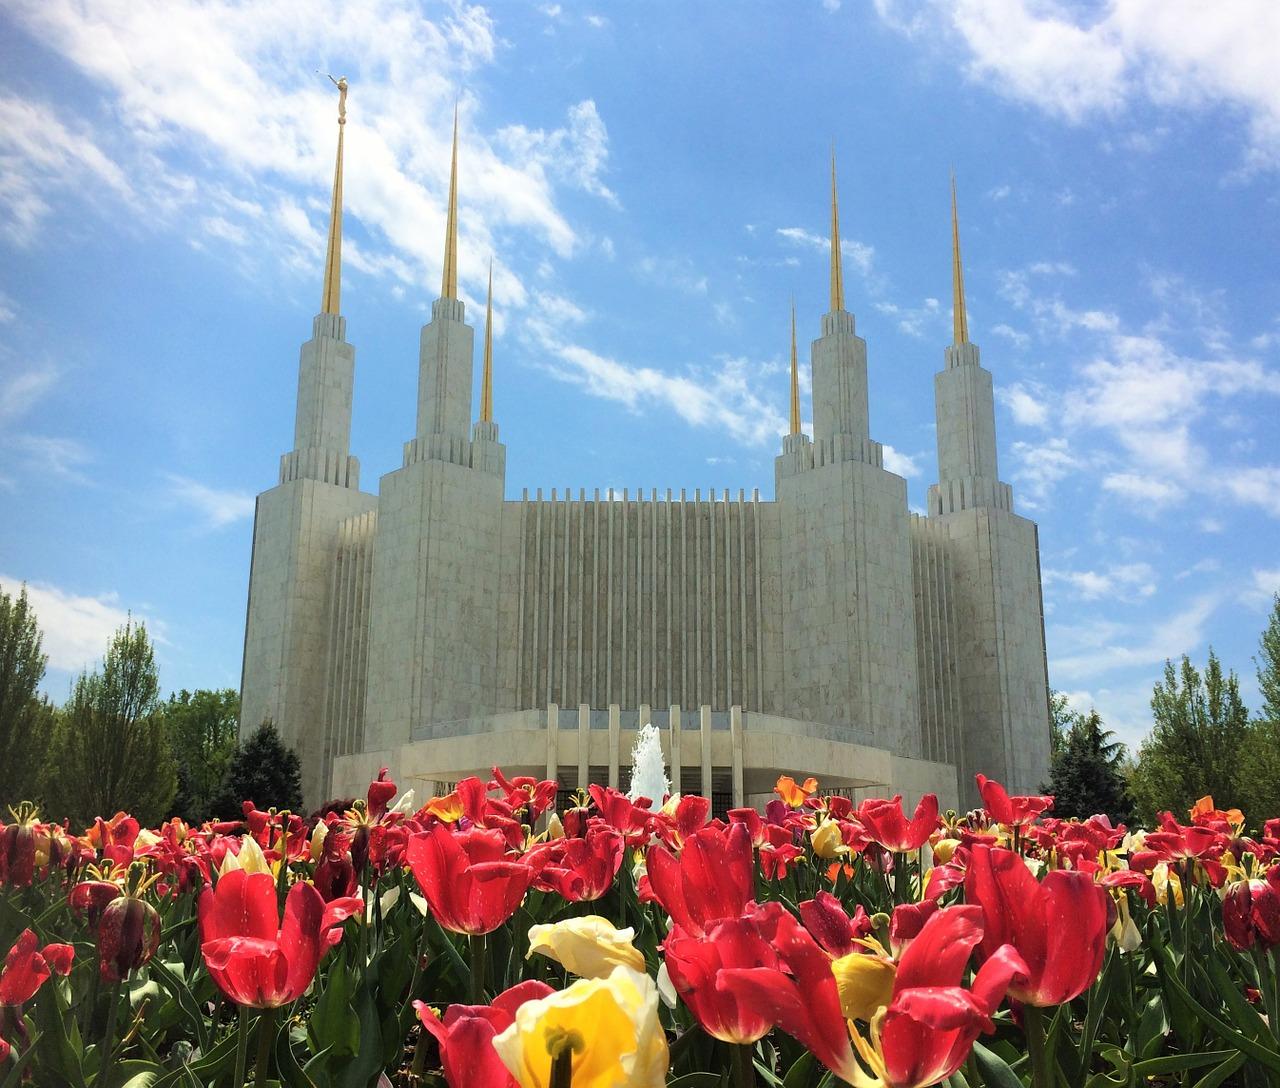 Mormon church.